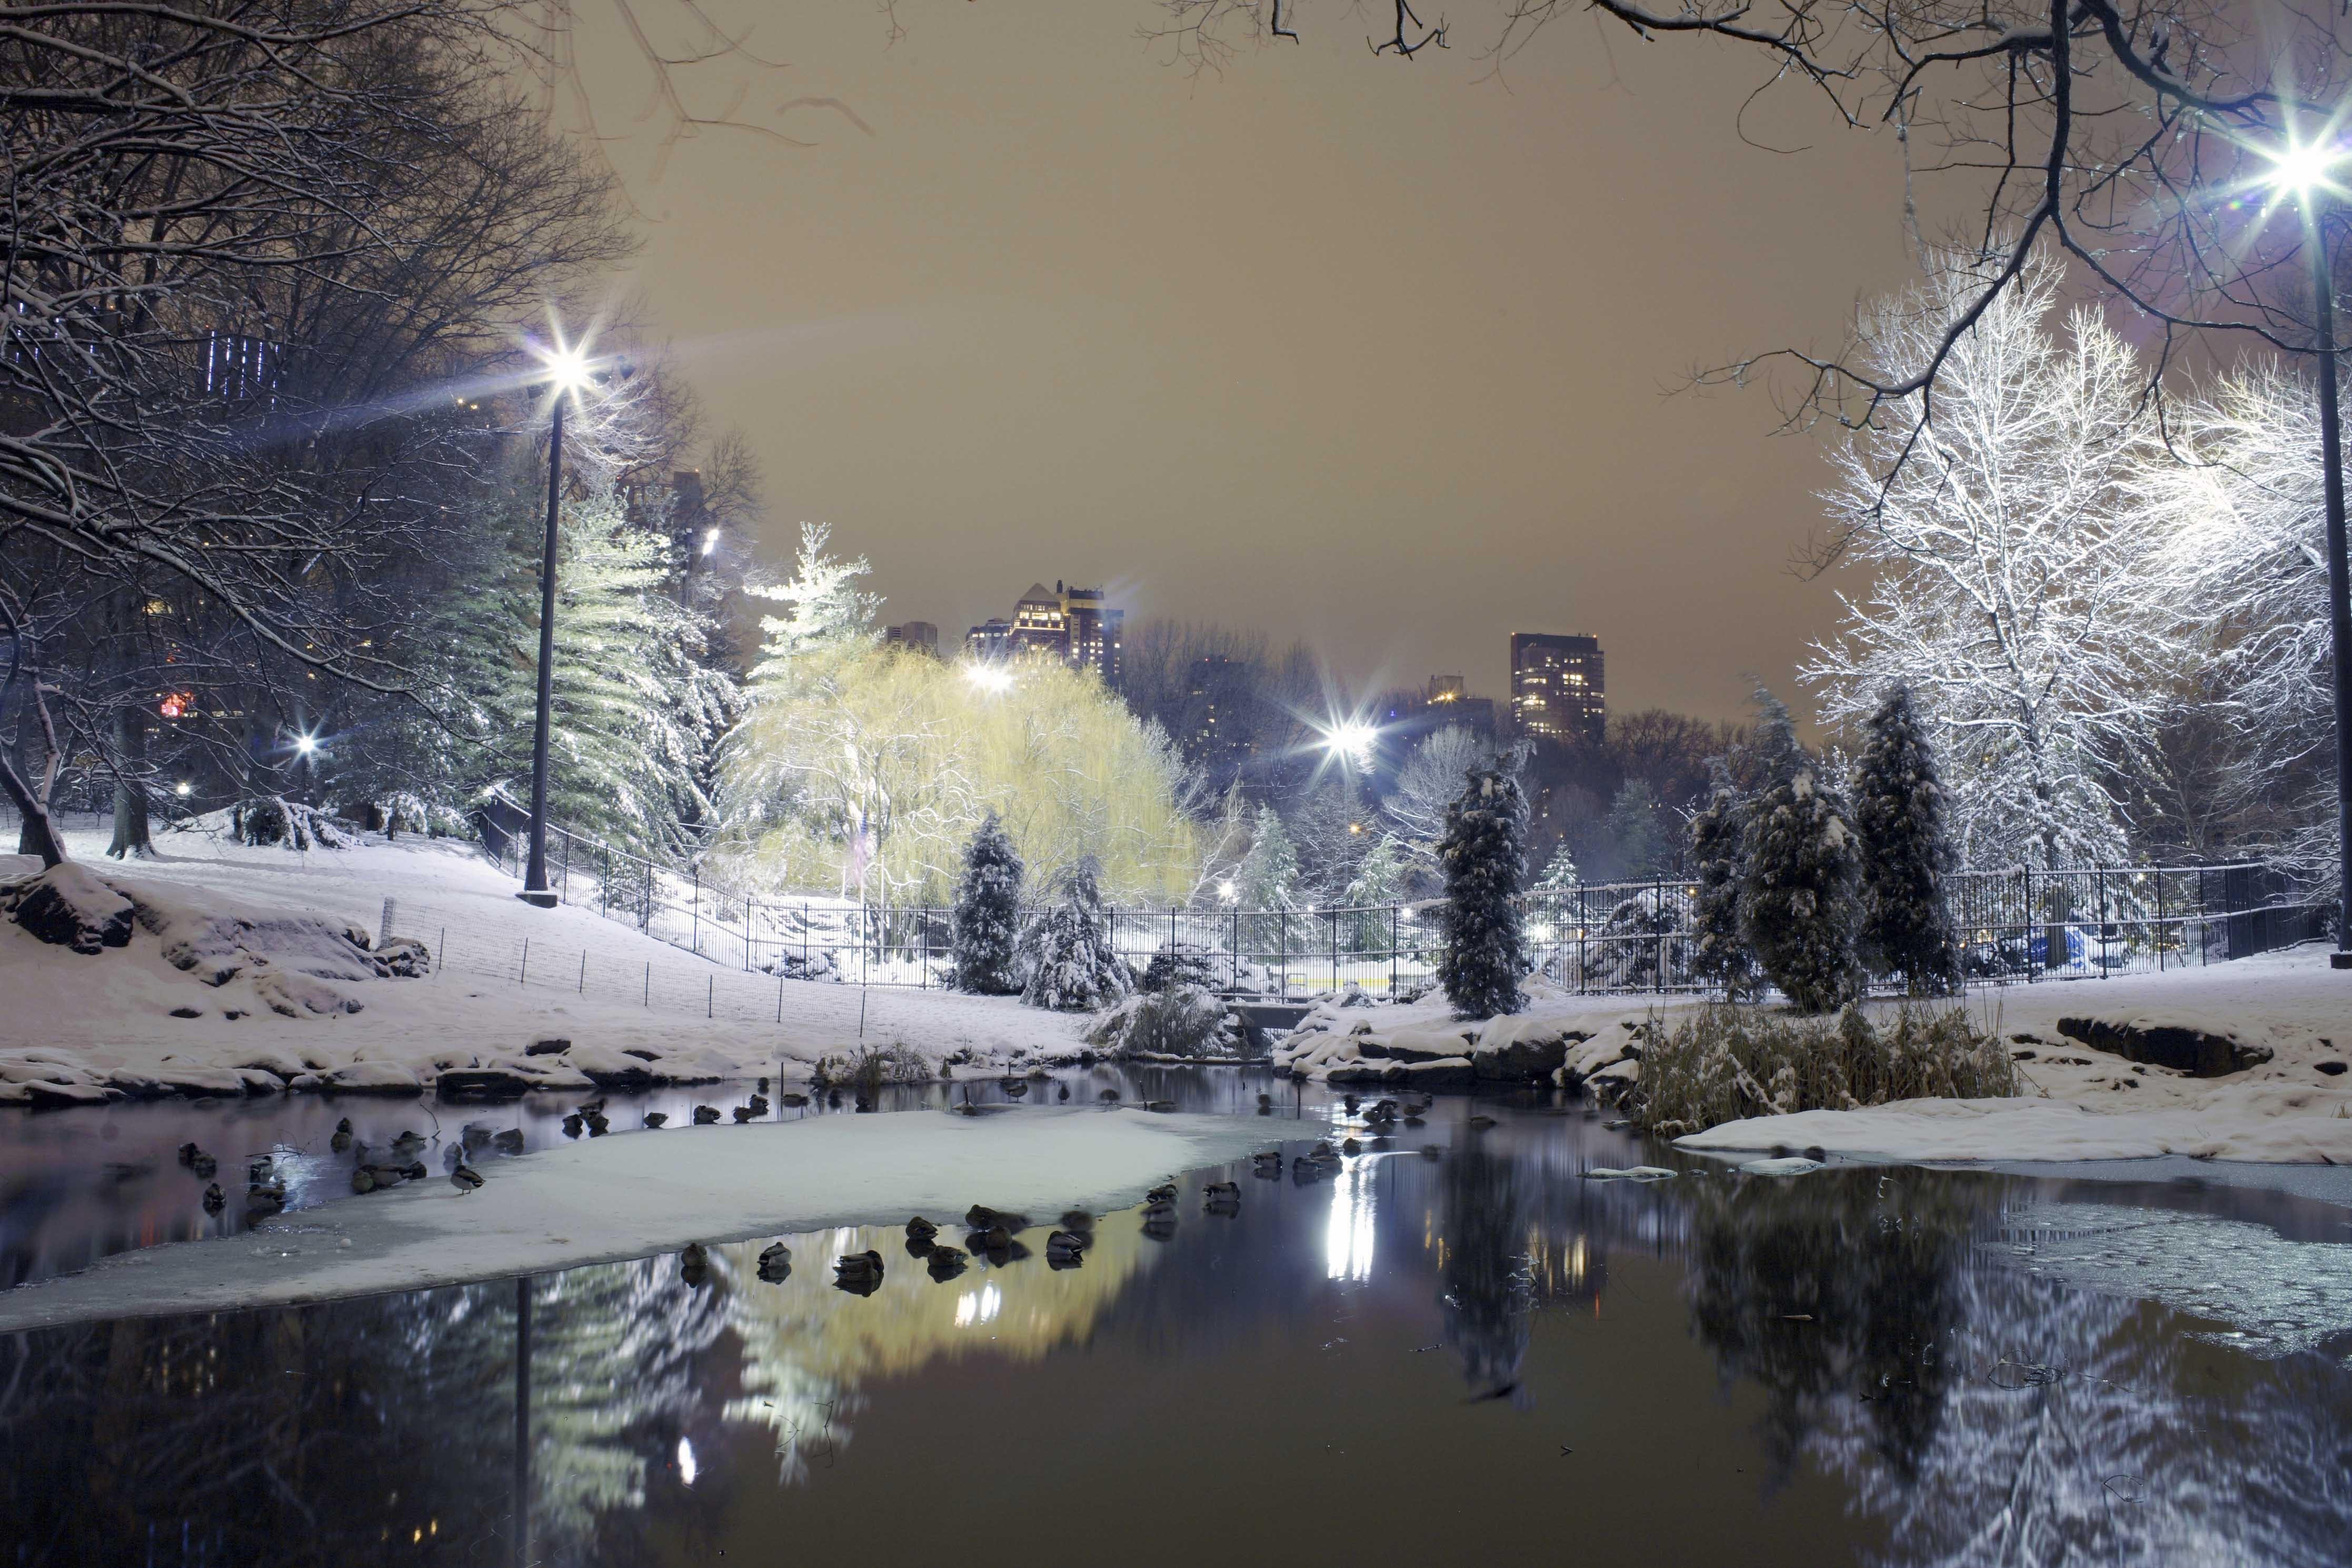 картинки зима в нашем городе сообщил, что работал